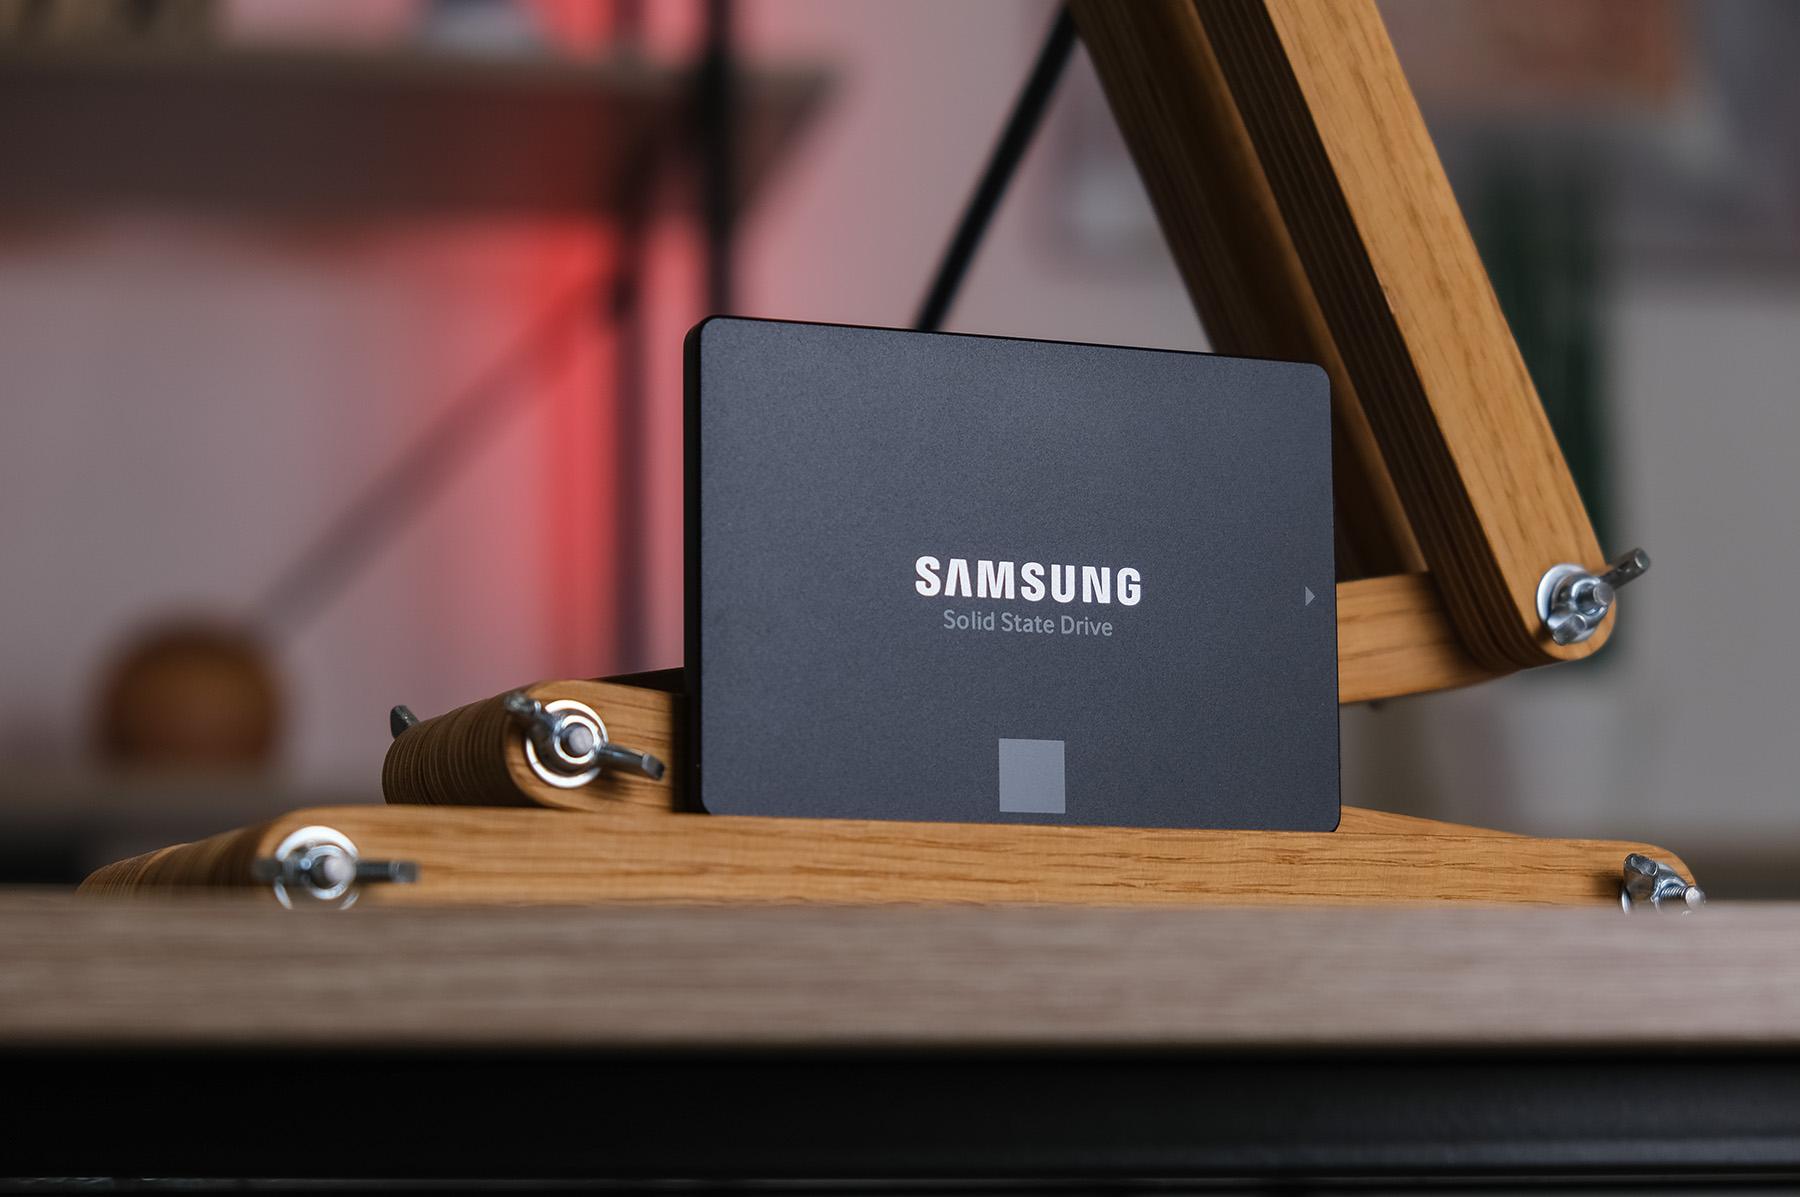 Обзор Samsung 870 EVO 1 ТБ: золотой стандарт SATA-накопителей под любые задачи